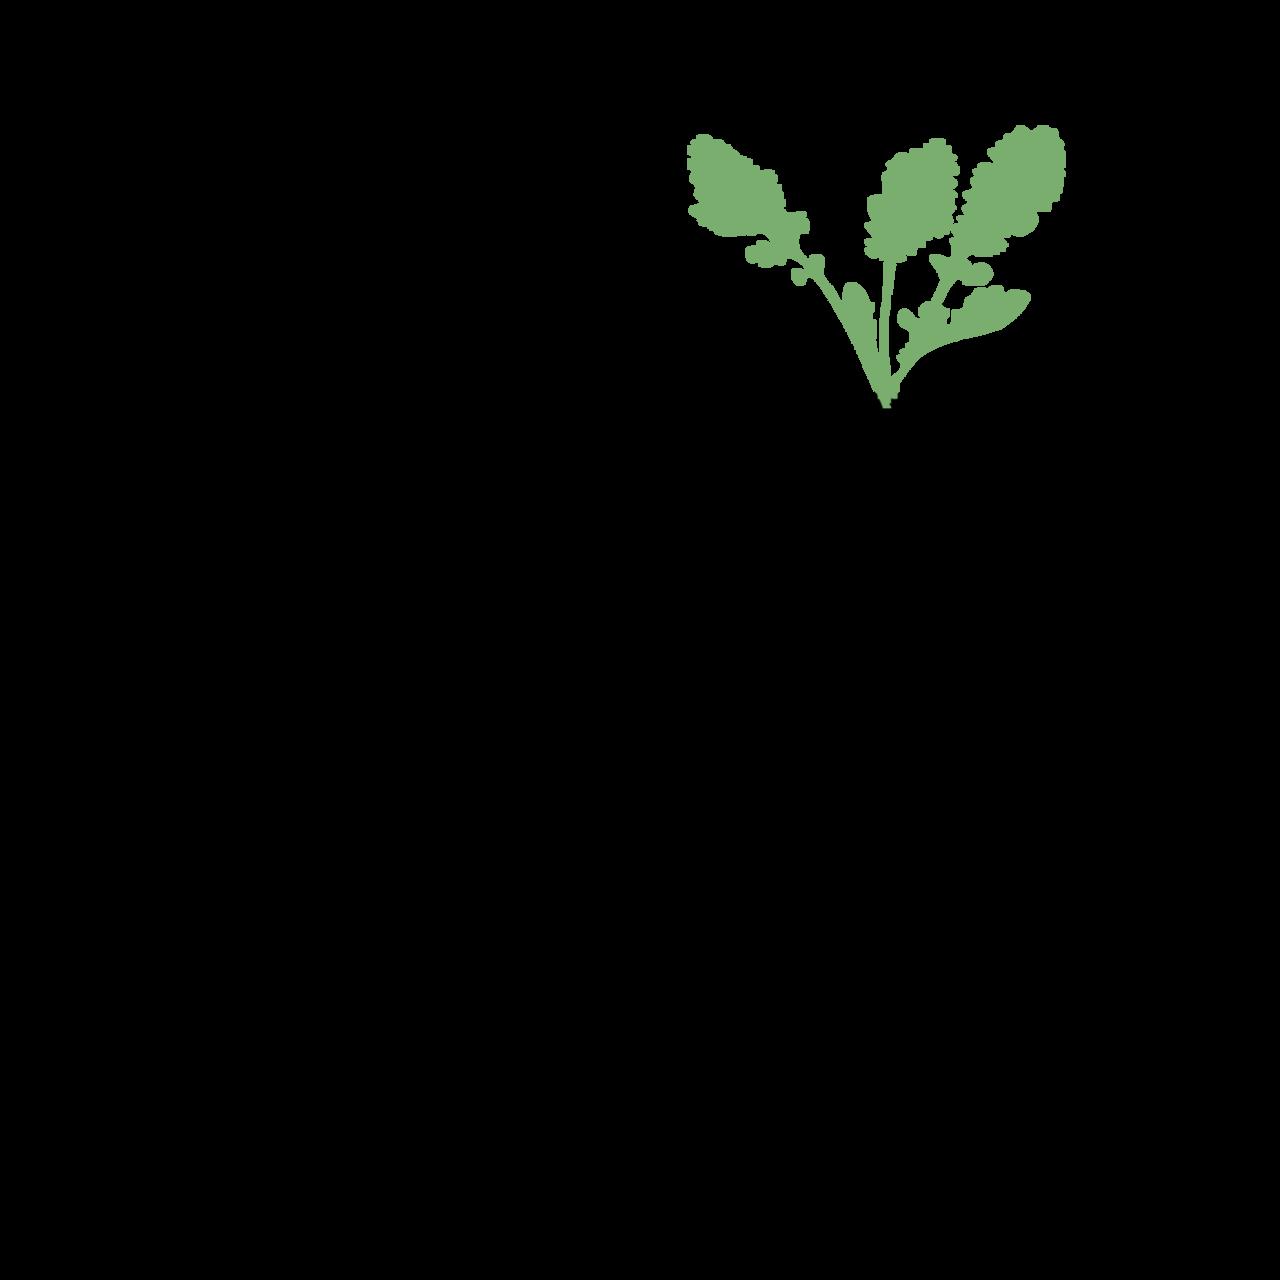 Susanality